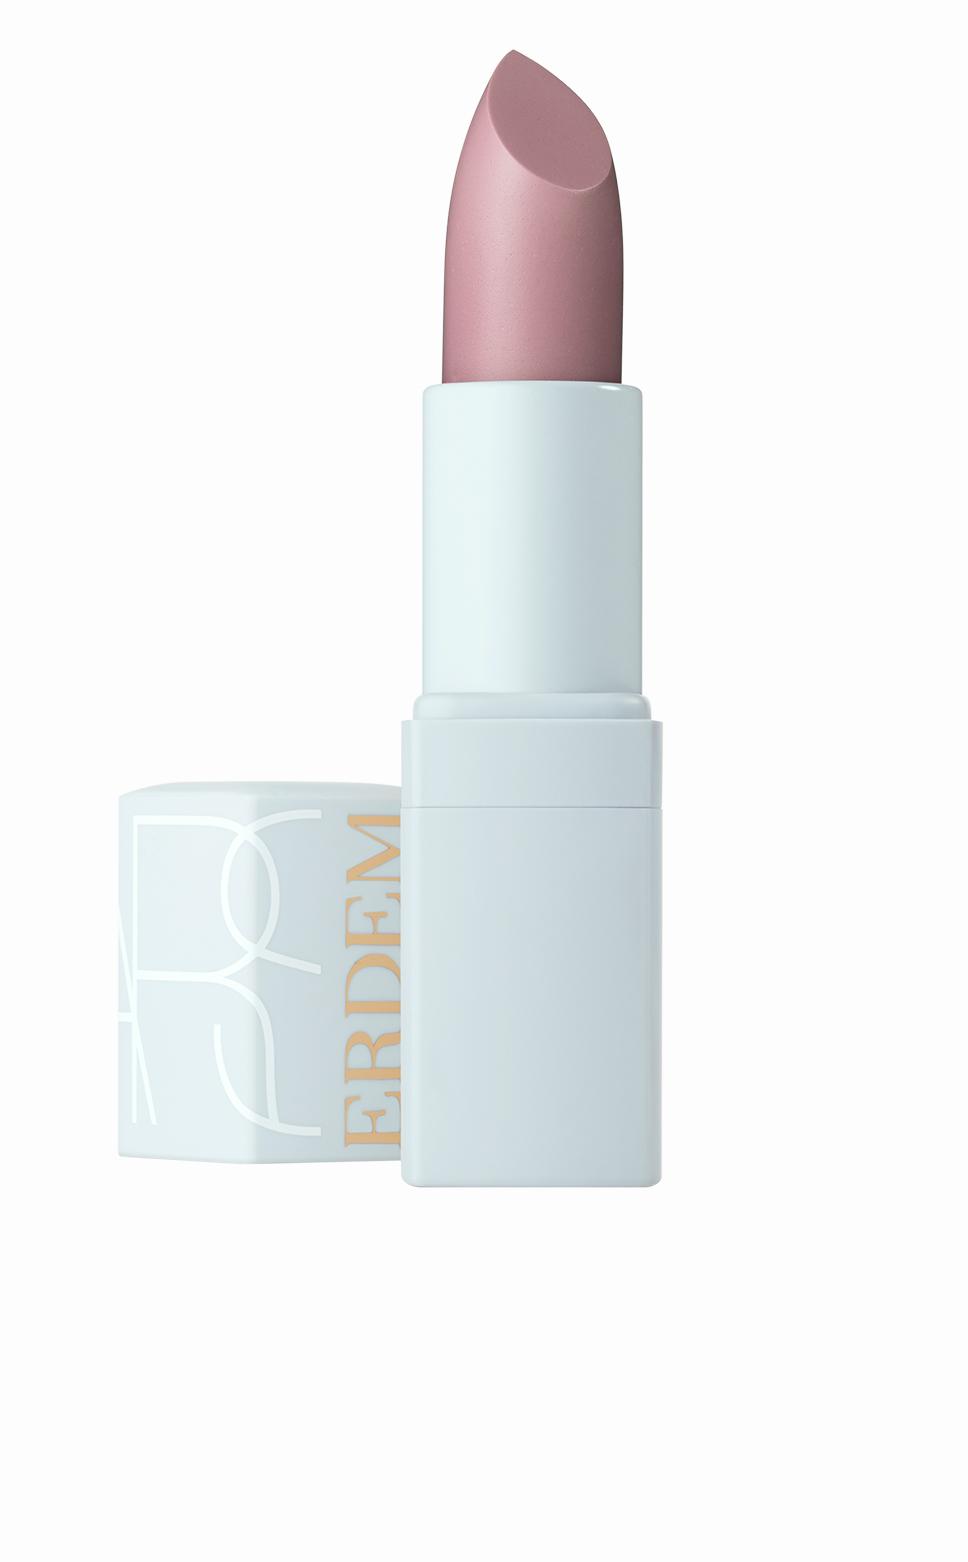 mỹ phẩm giới hạn Voodoo Lily Lipstick